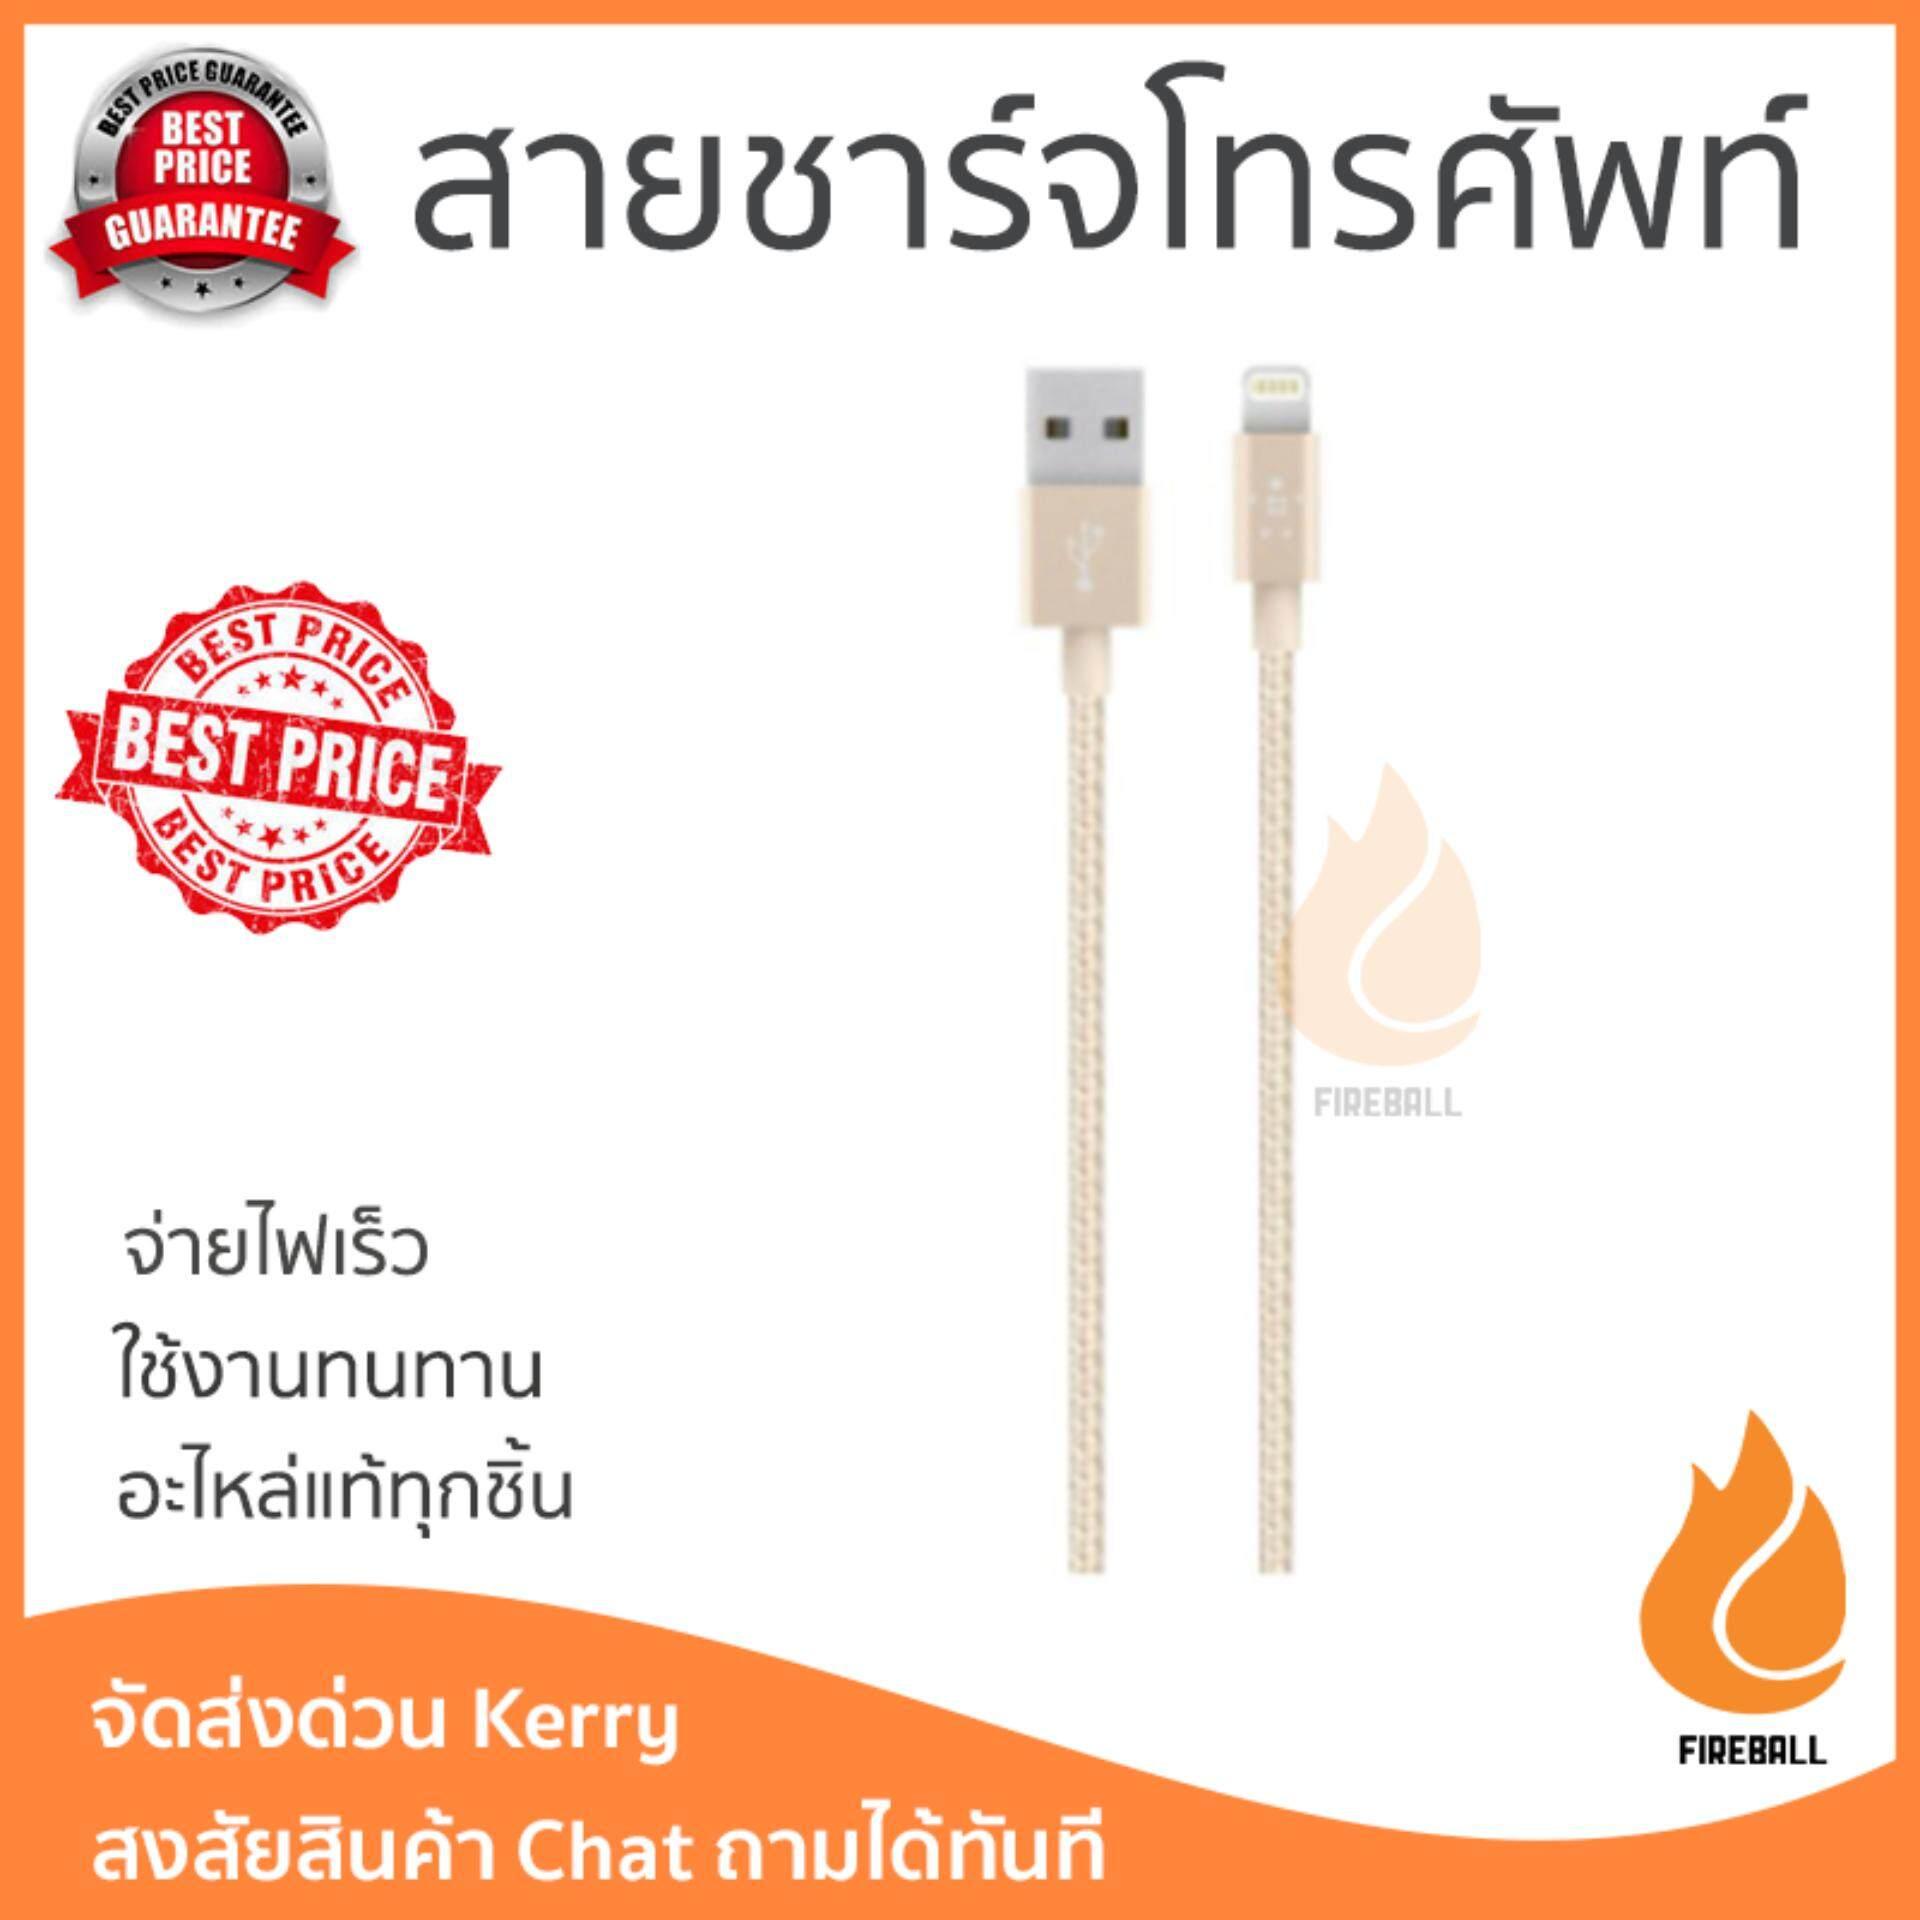 ลดสุดๆ ราคาพิเศษ รุ่นยอดนิยม สายชาร์จโทรศัพท์ Belkin MixIT Metallic Lightning Cable 1.2M. Gold (F8J144bt04-GLD) สายชาร์จทนทาน แข็งแรง จ่ายไฟเร็ว Mobile Cable จัดส่งฟรี Kerry ทั่วประเทศ